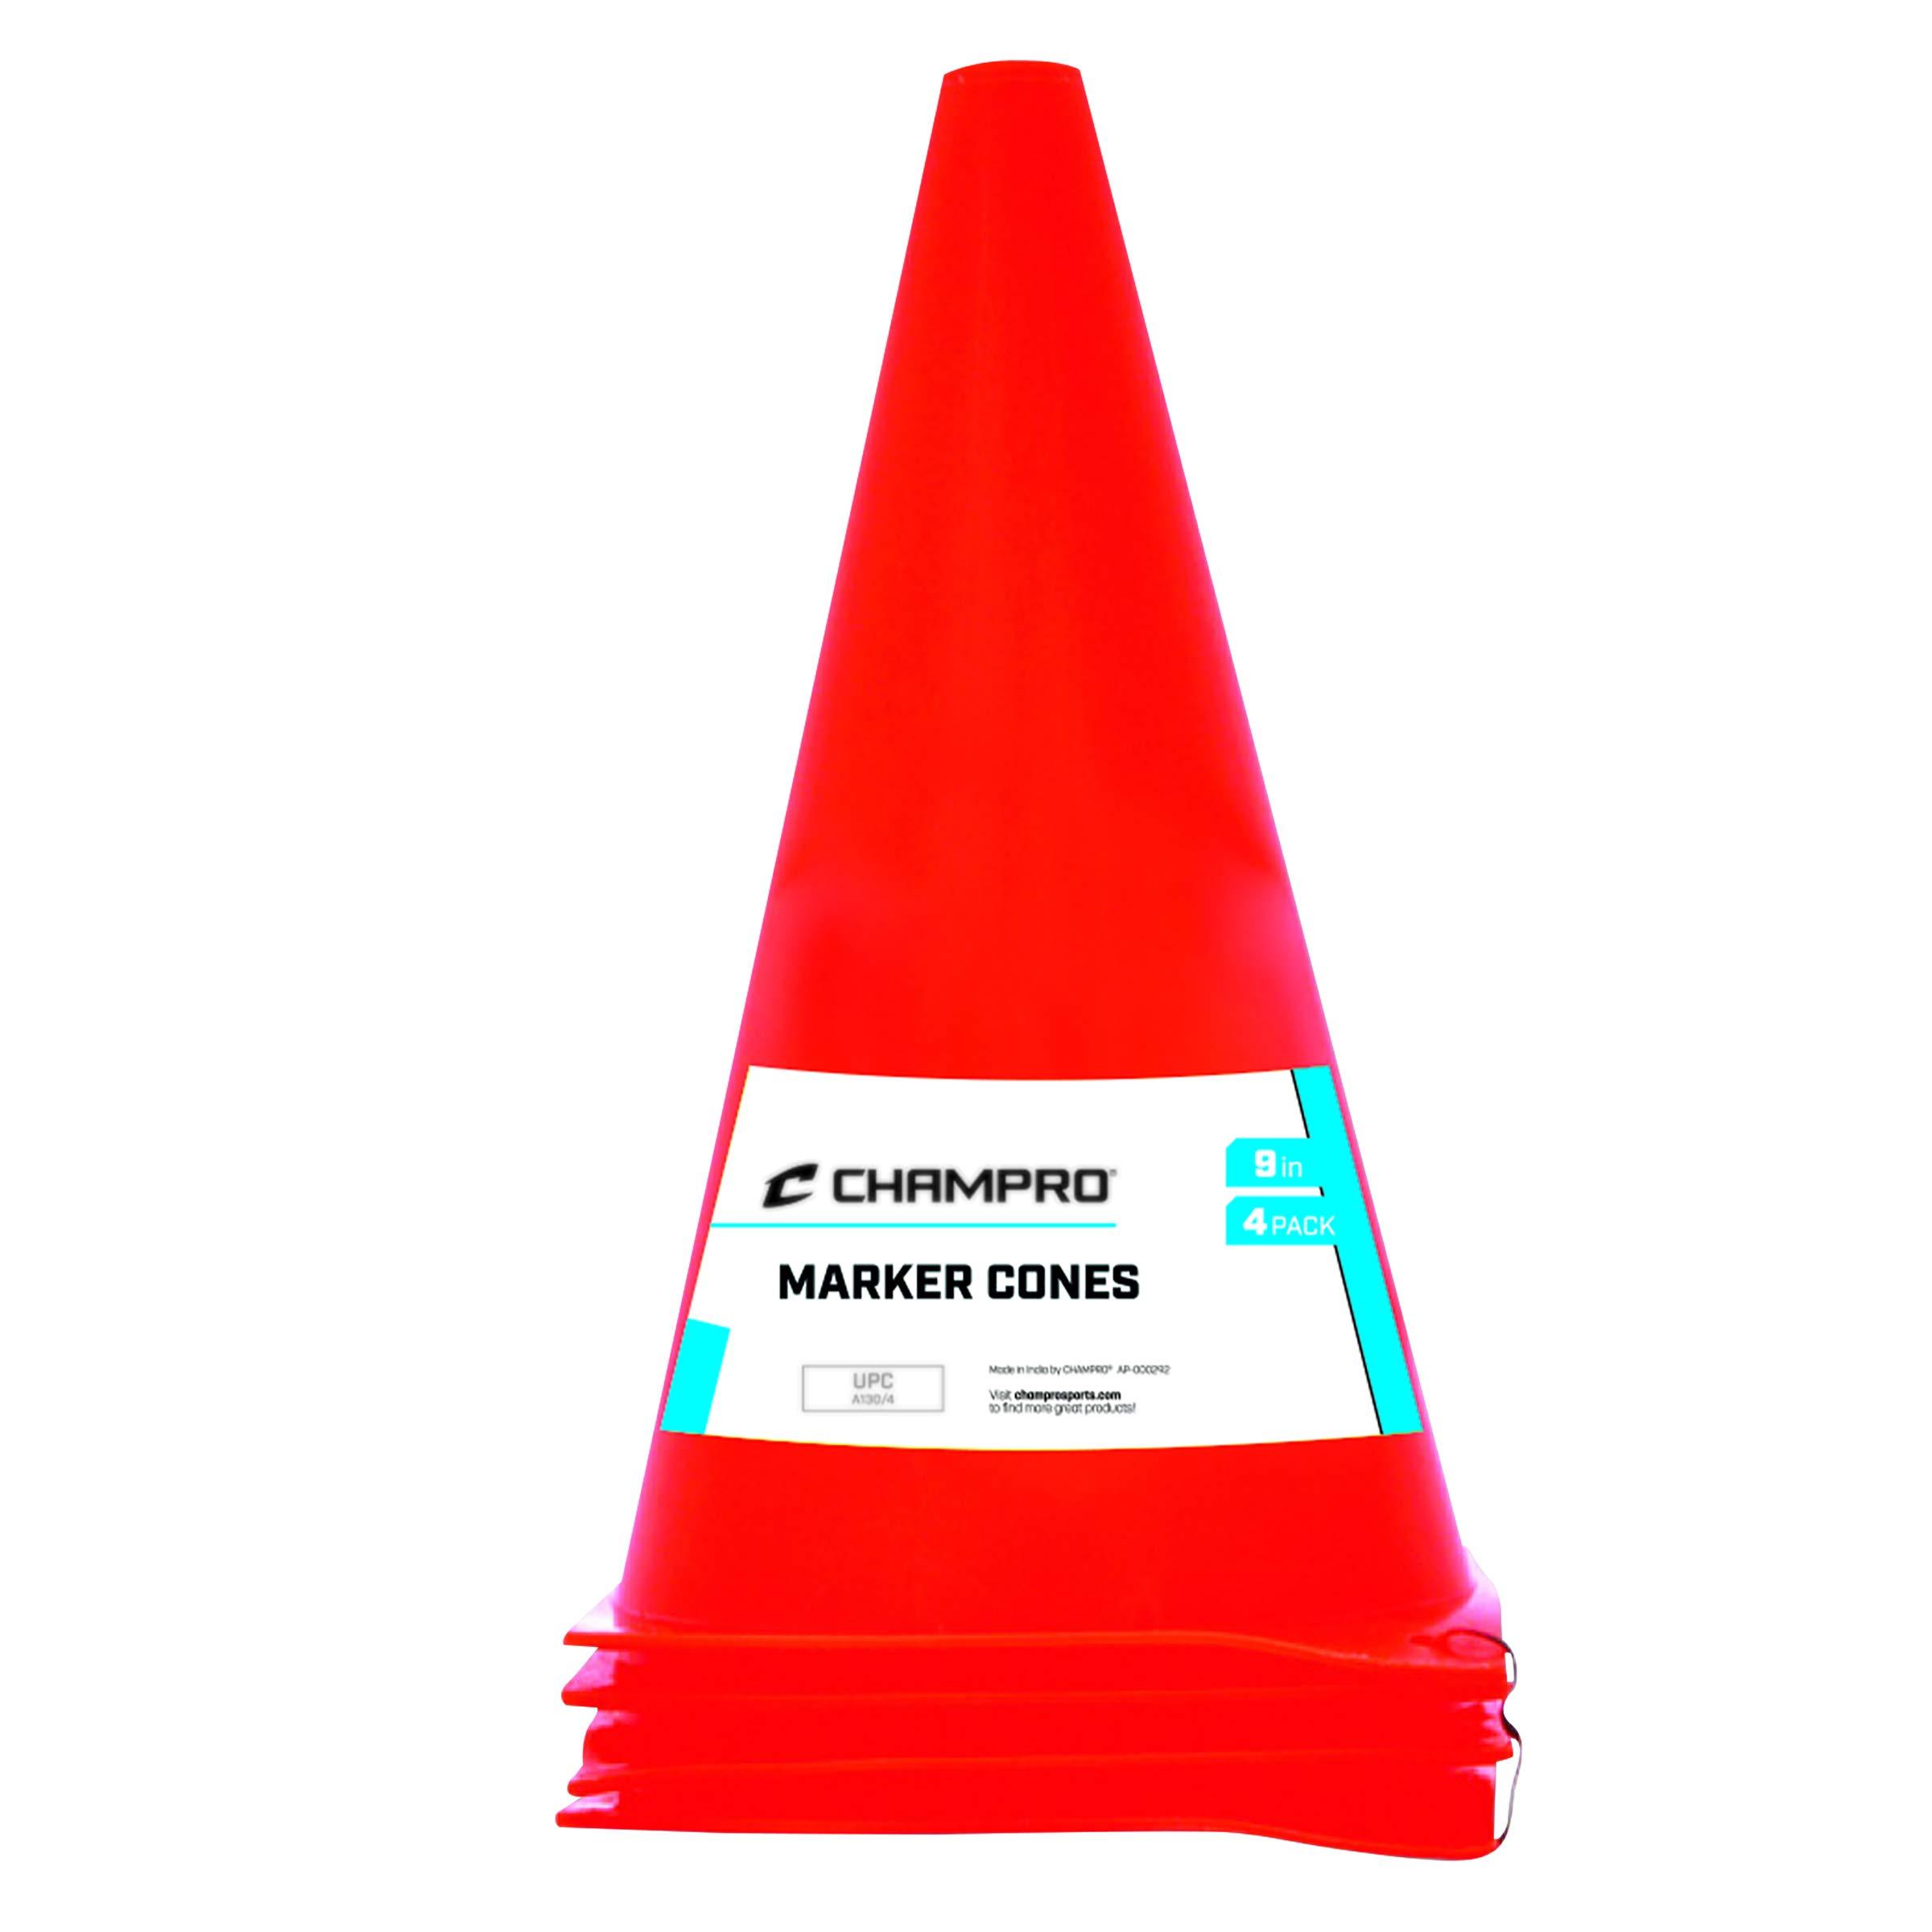 CHAMPRO Marker Cone Plastic, Set of 4 (Orange, 9-Inch)